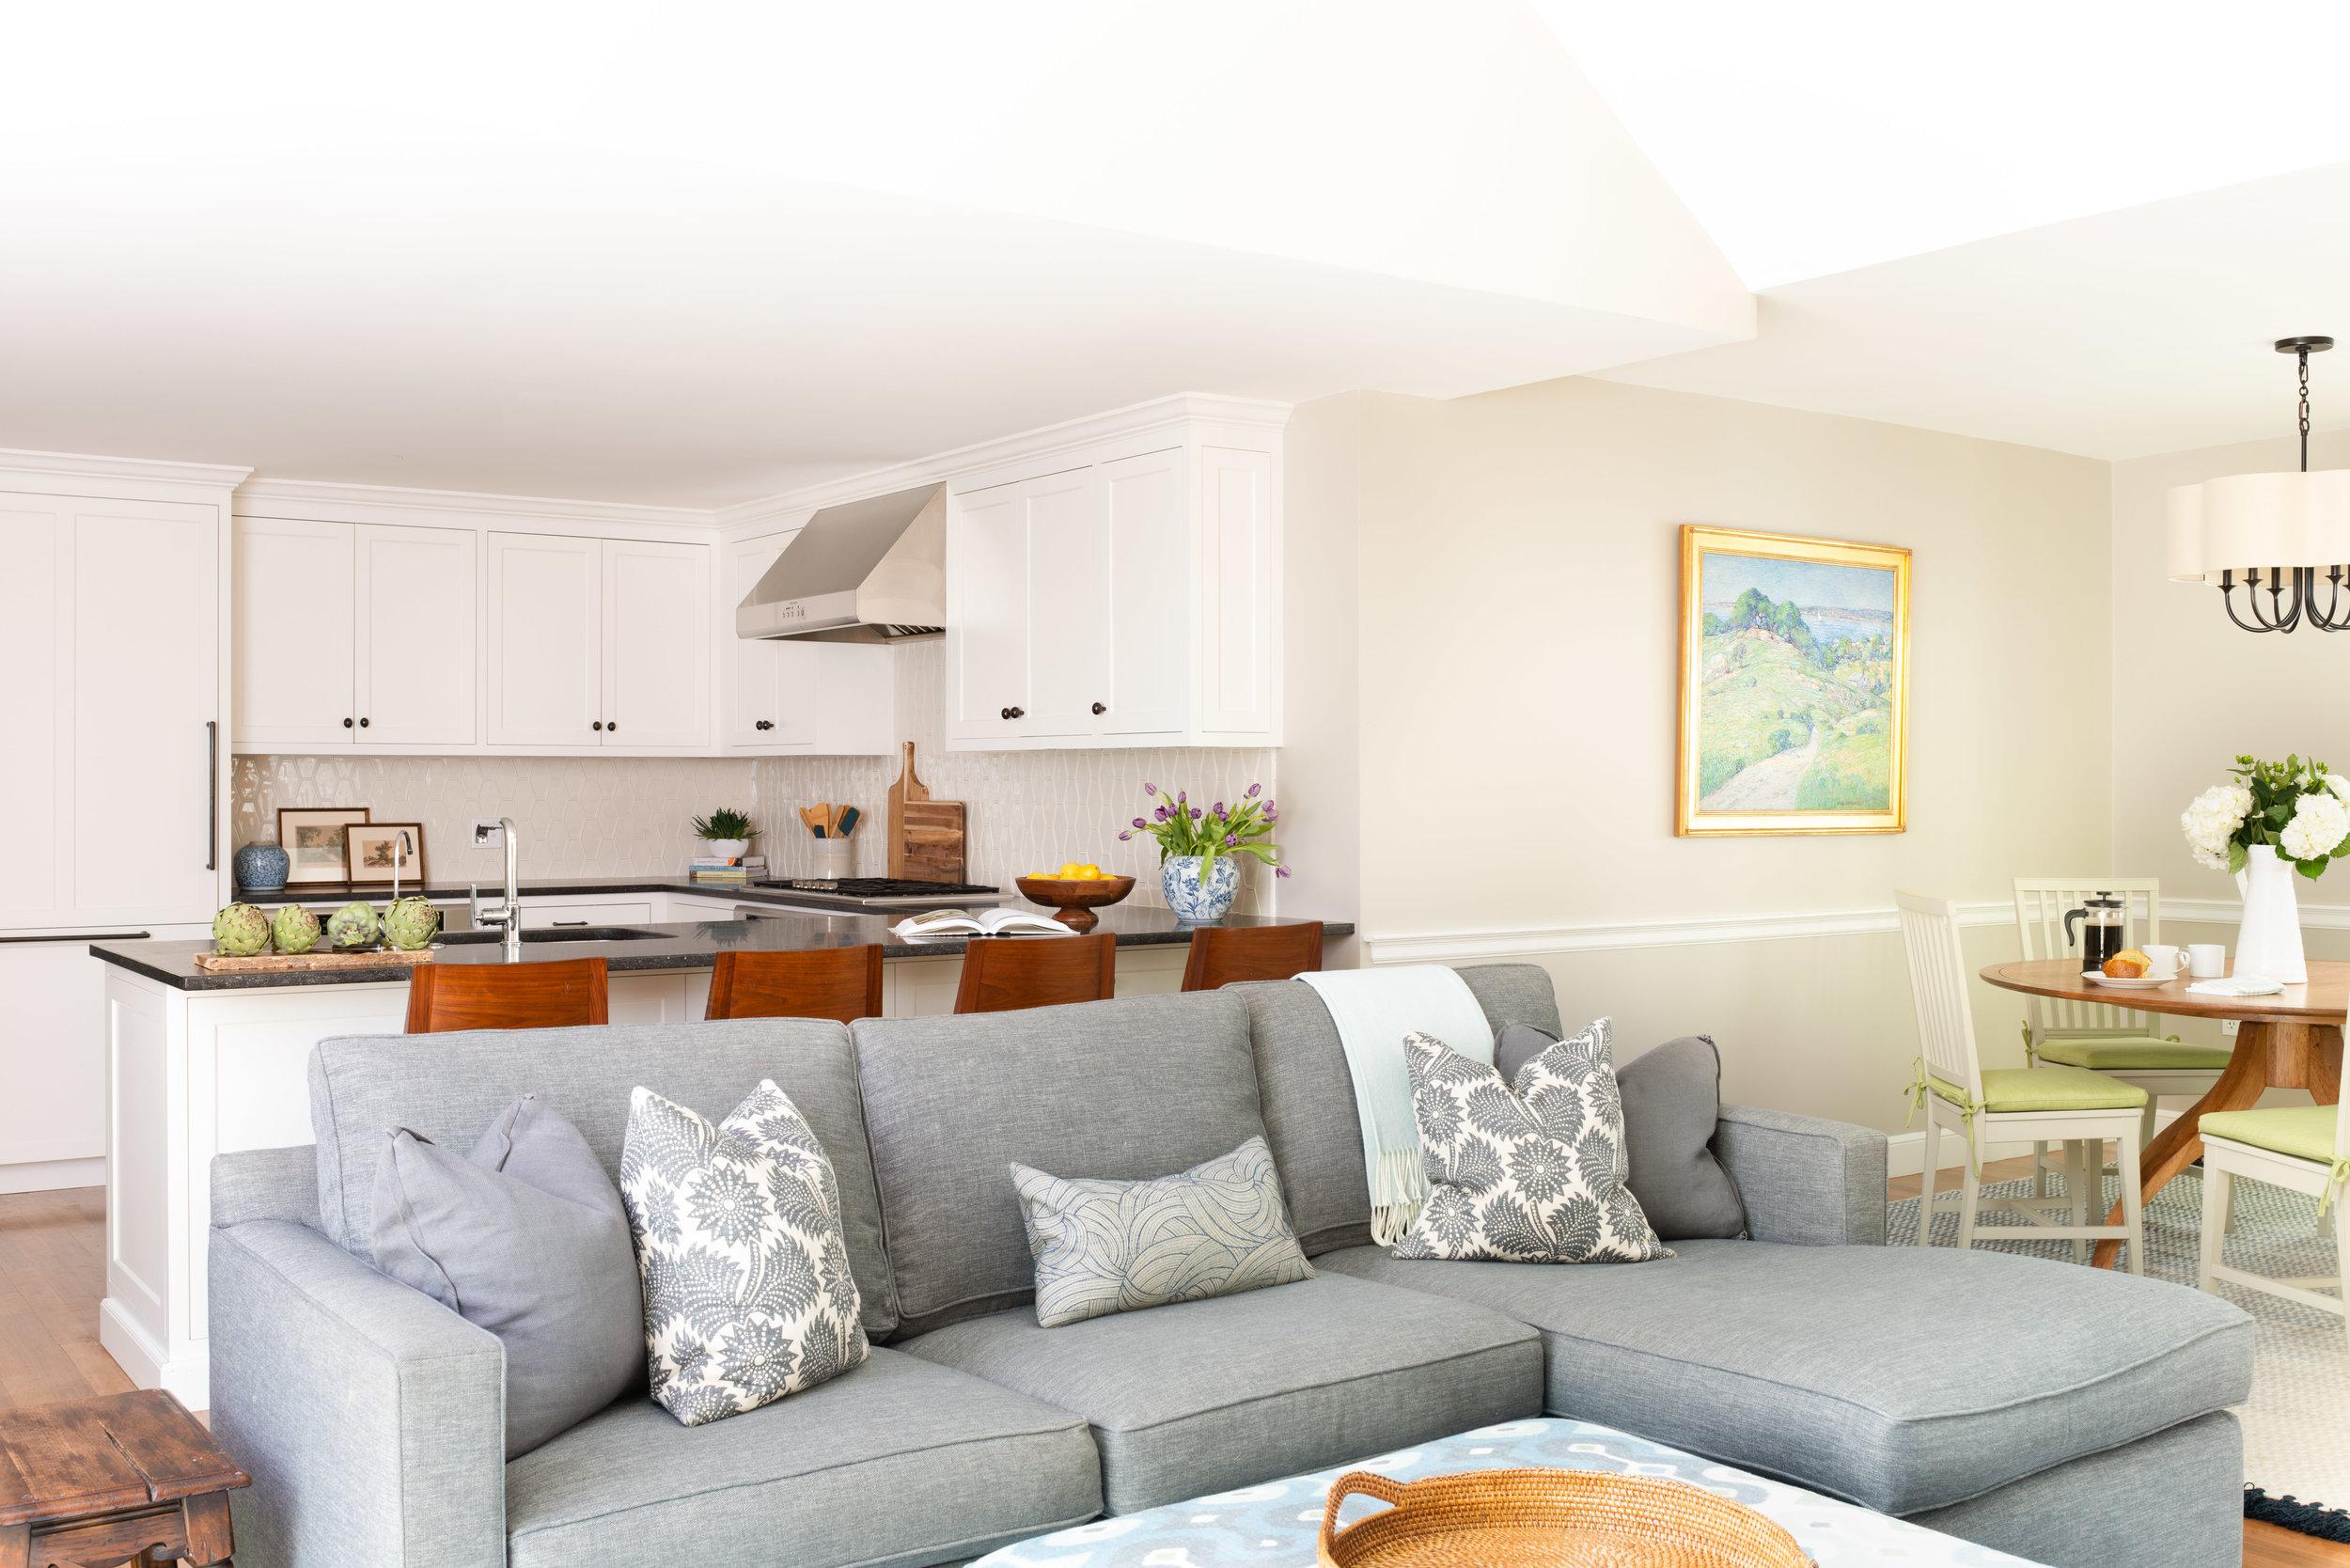 PinneyDesigns Chestnut Hill kitchen-4709edit2.jpg